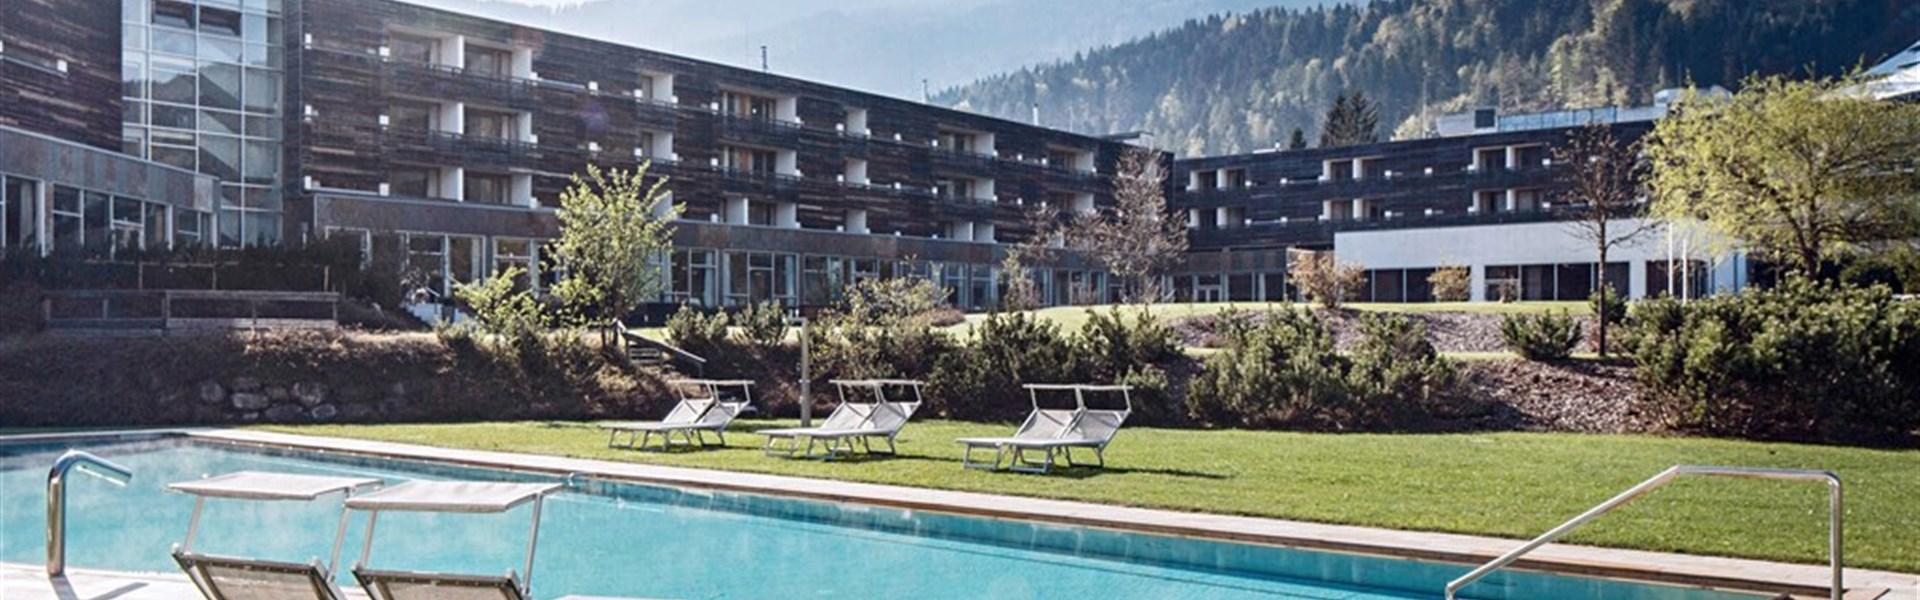 Falkensteiner Hotel & Spa Carinzia -